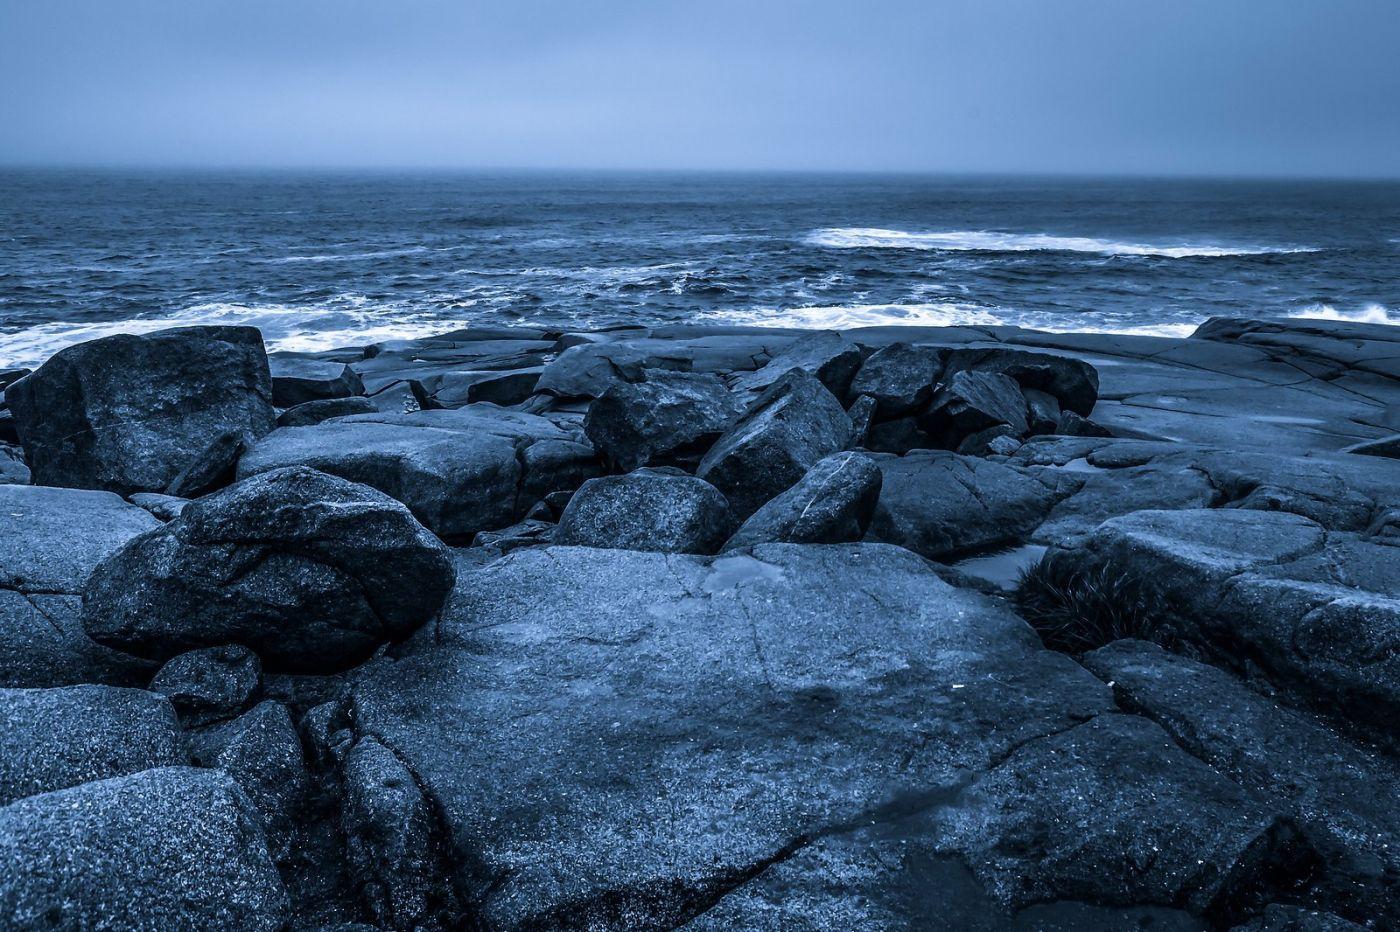 加拿大佩吉海湾(Peggys Cove),礁石上的灯塔_图1-9